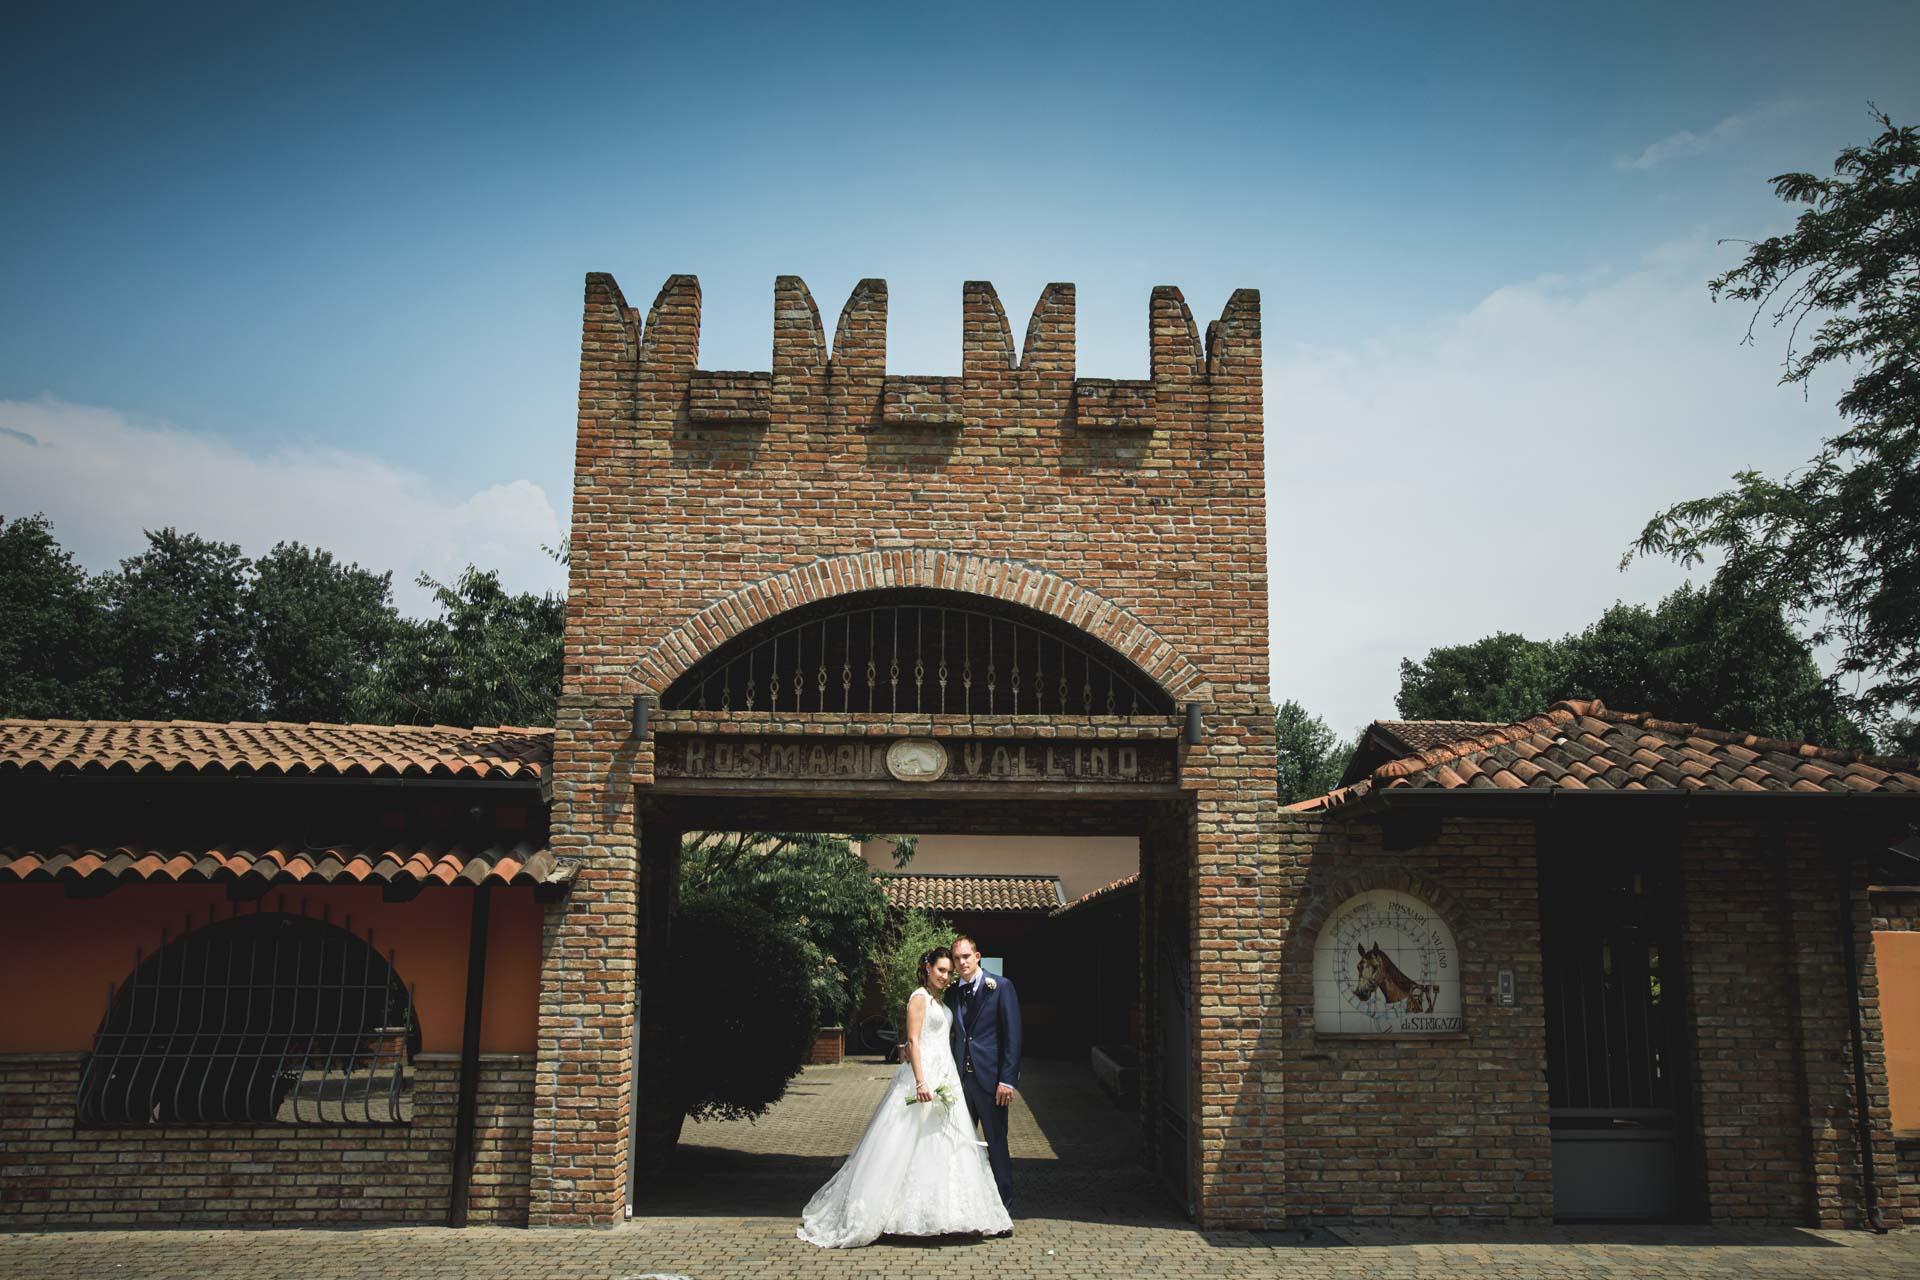 Rosmary Vallino sposi ingresso